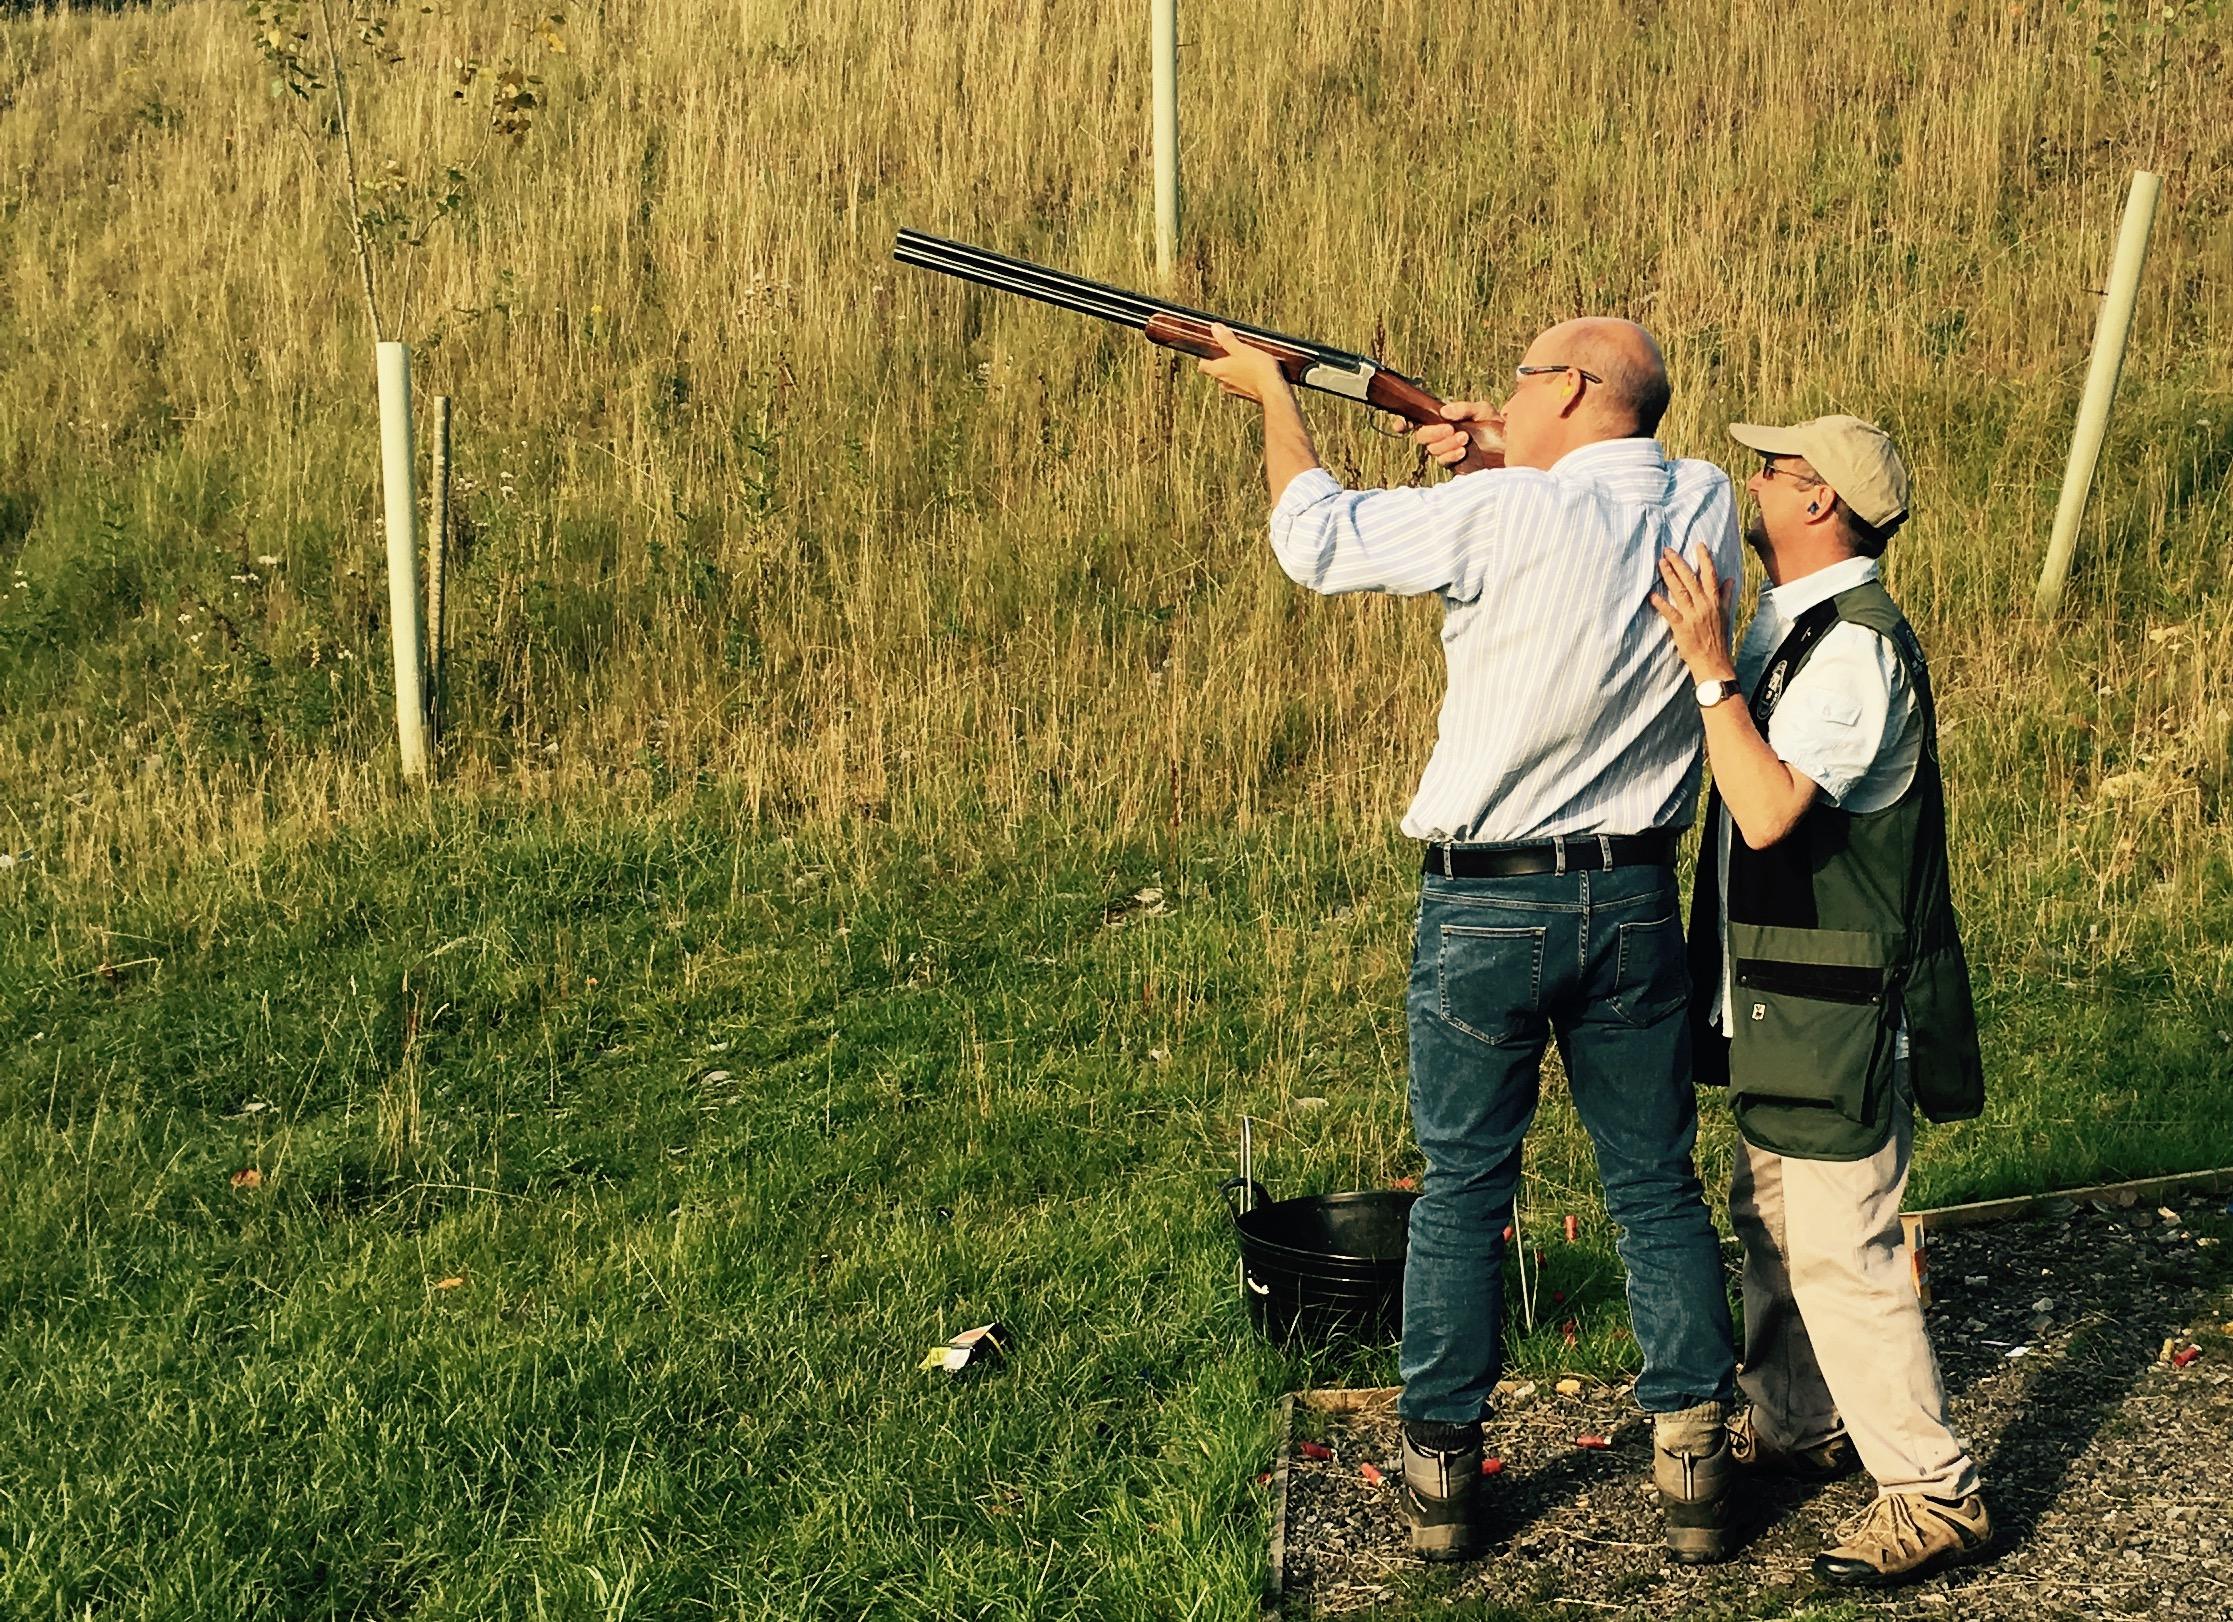 QS F.D Tony Daly taking aim under instruction